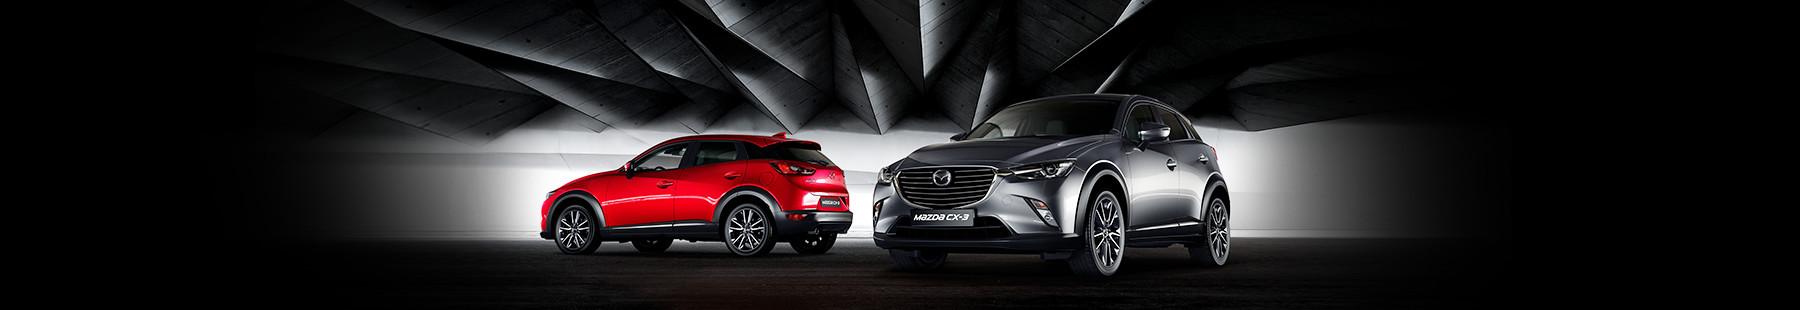 Nuova Mazda CX-3